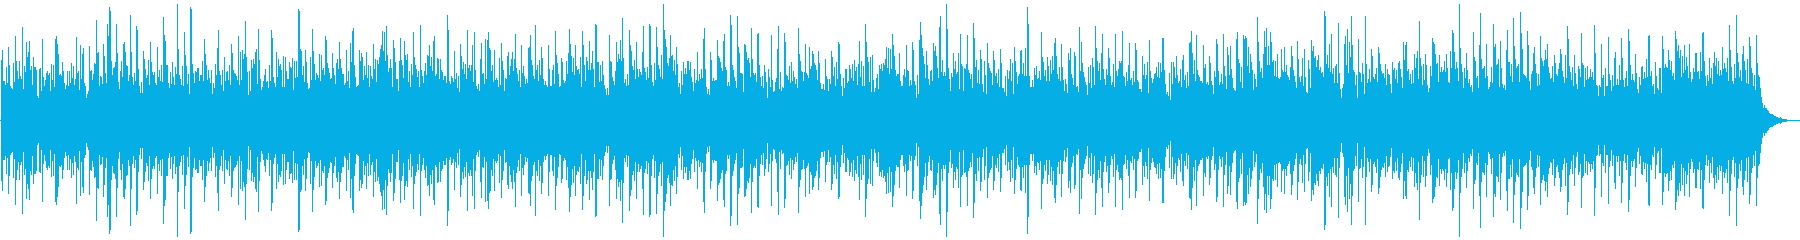 せつないマンドリンのカントリーバラードの再生済みの波形